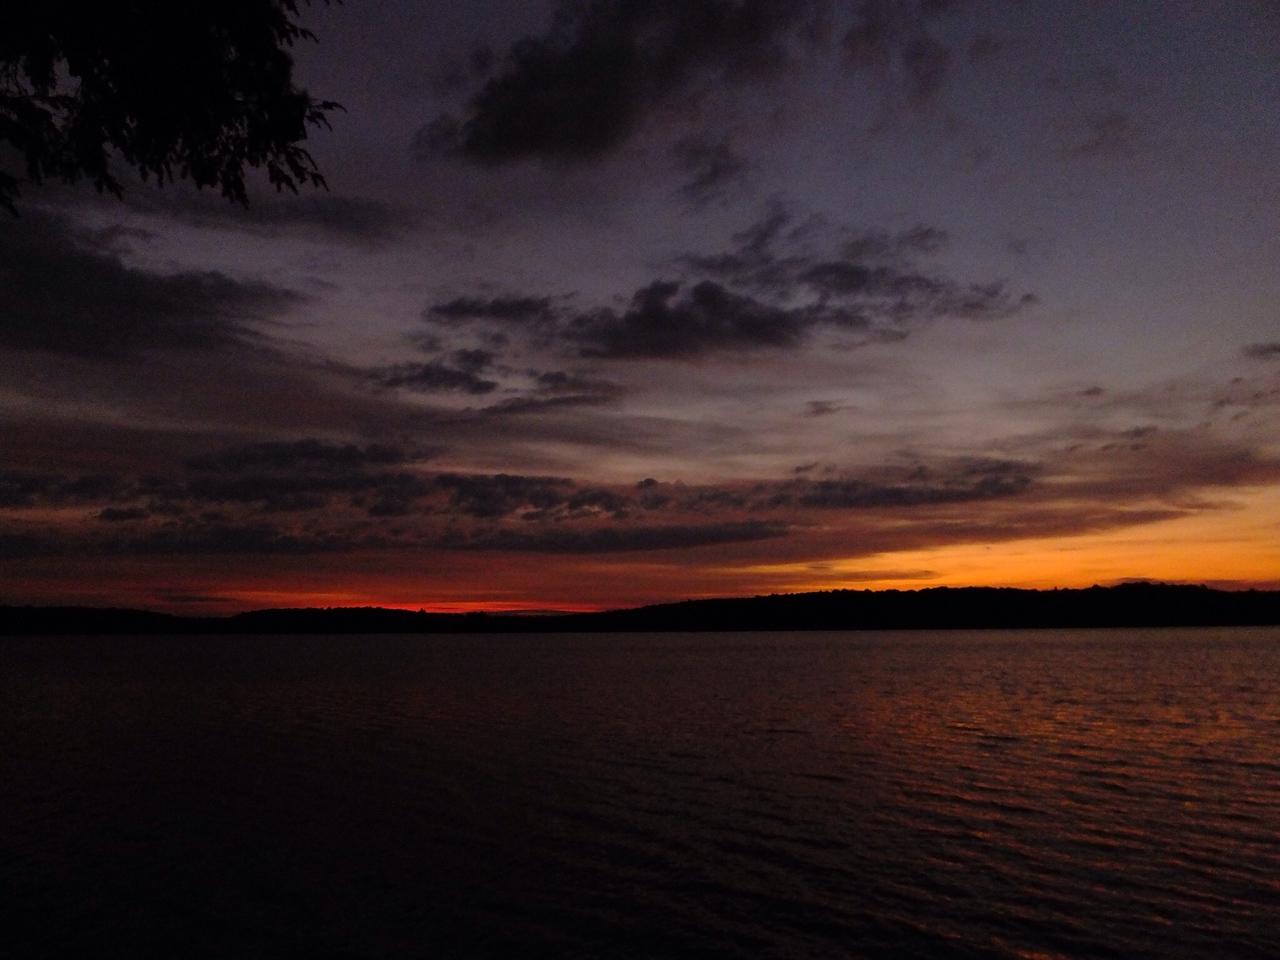 Before sunrise, McIntosh Lake